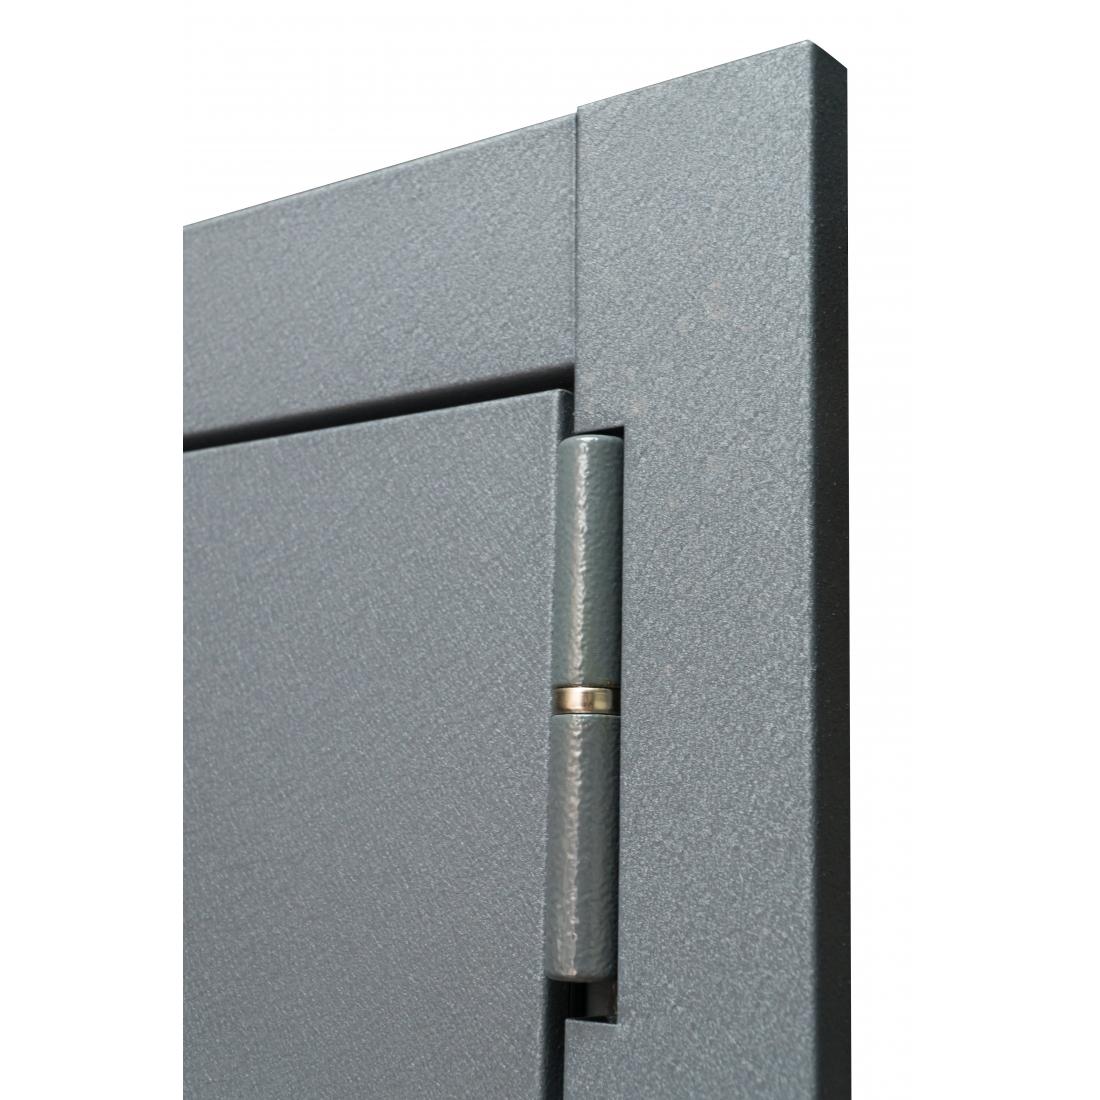 Купити вхідні двері Троя Муар-7024 (серія «Метал/МДФ з Kale»)